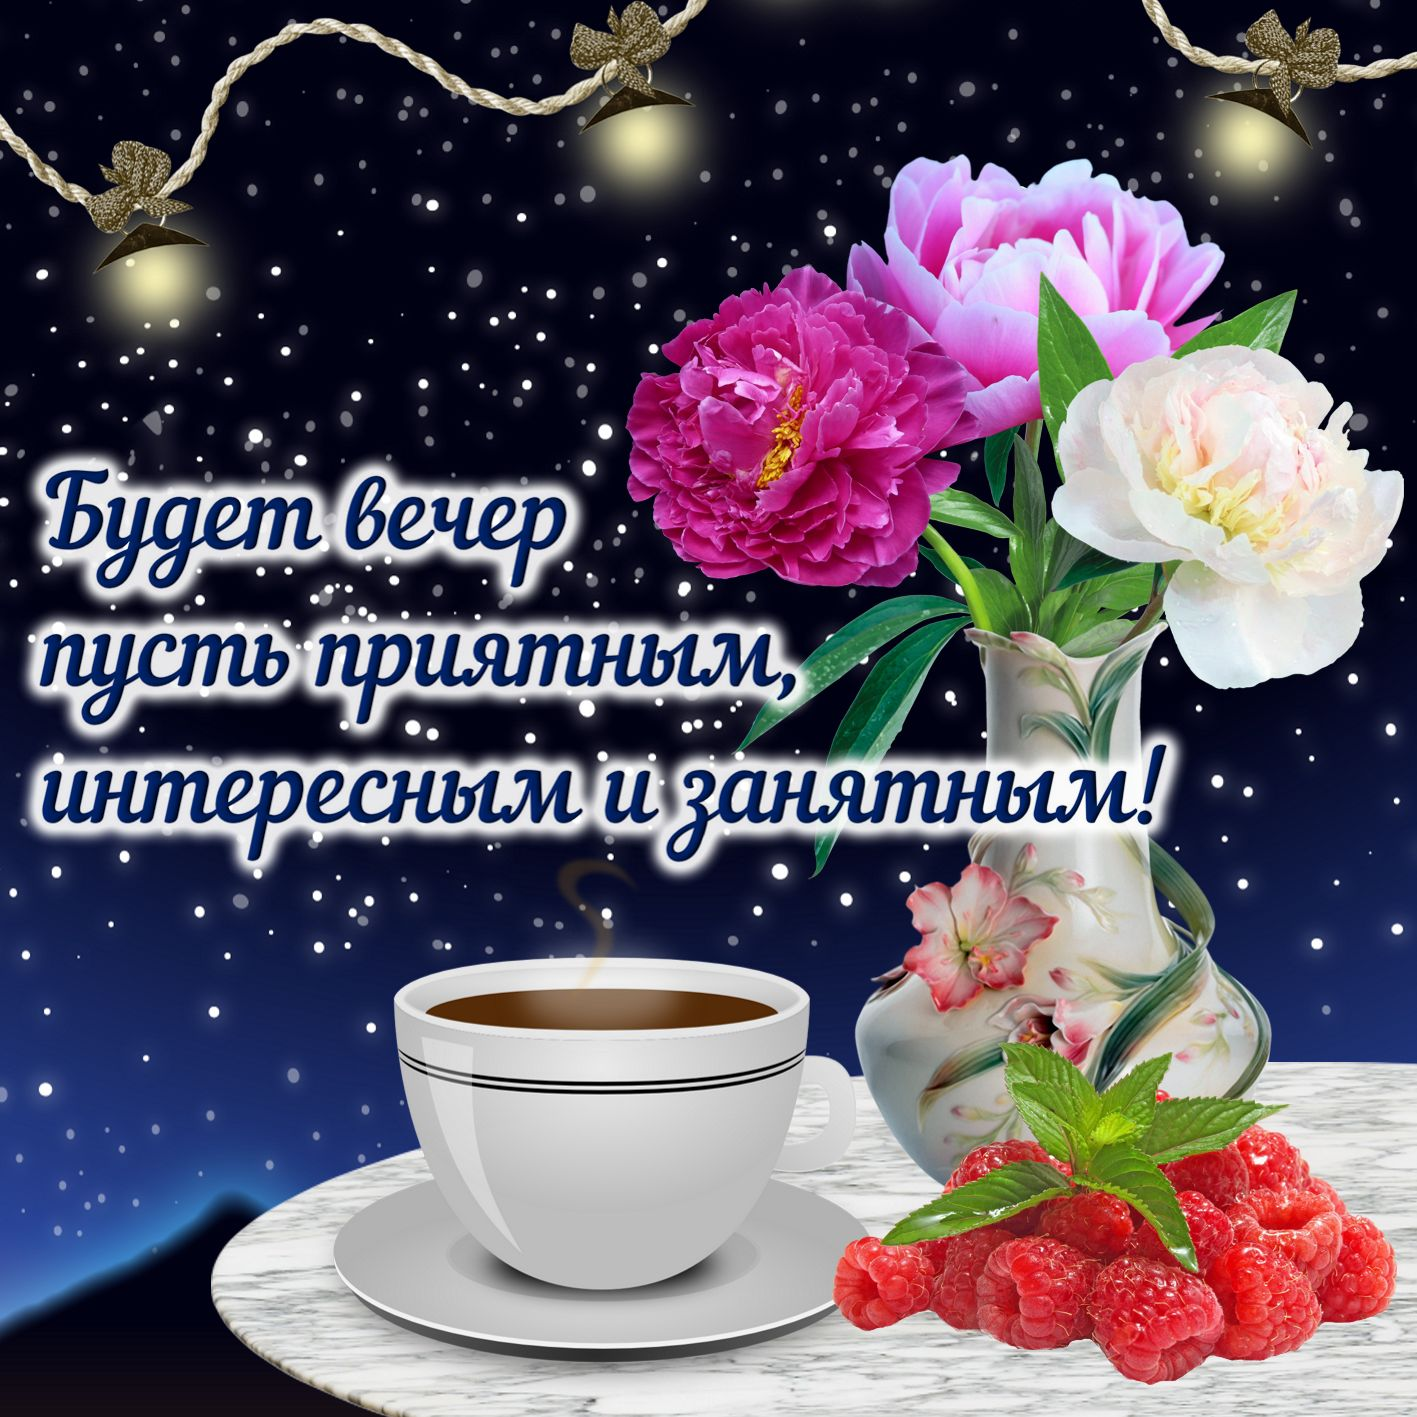 волей волей открытки картинки с добрым вечера киргизы